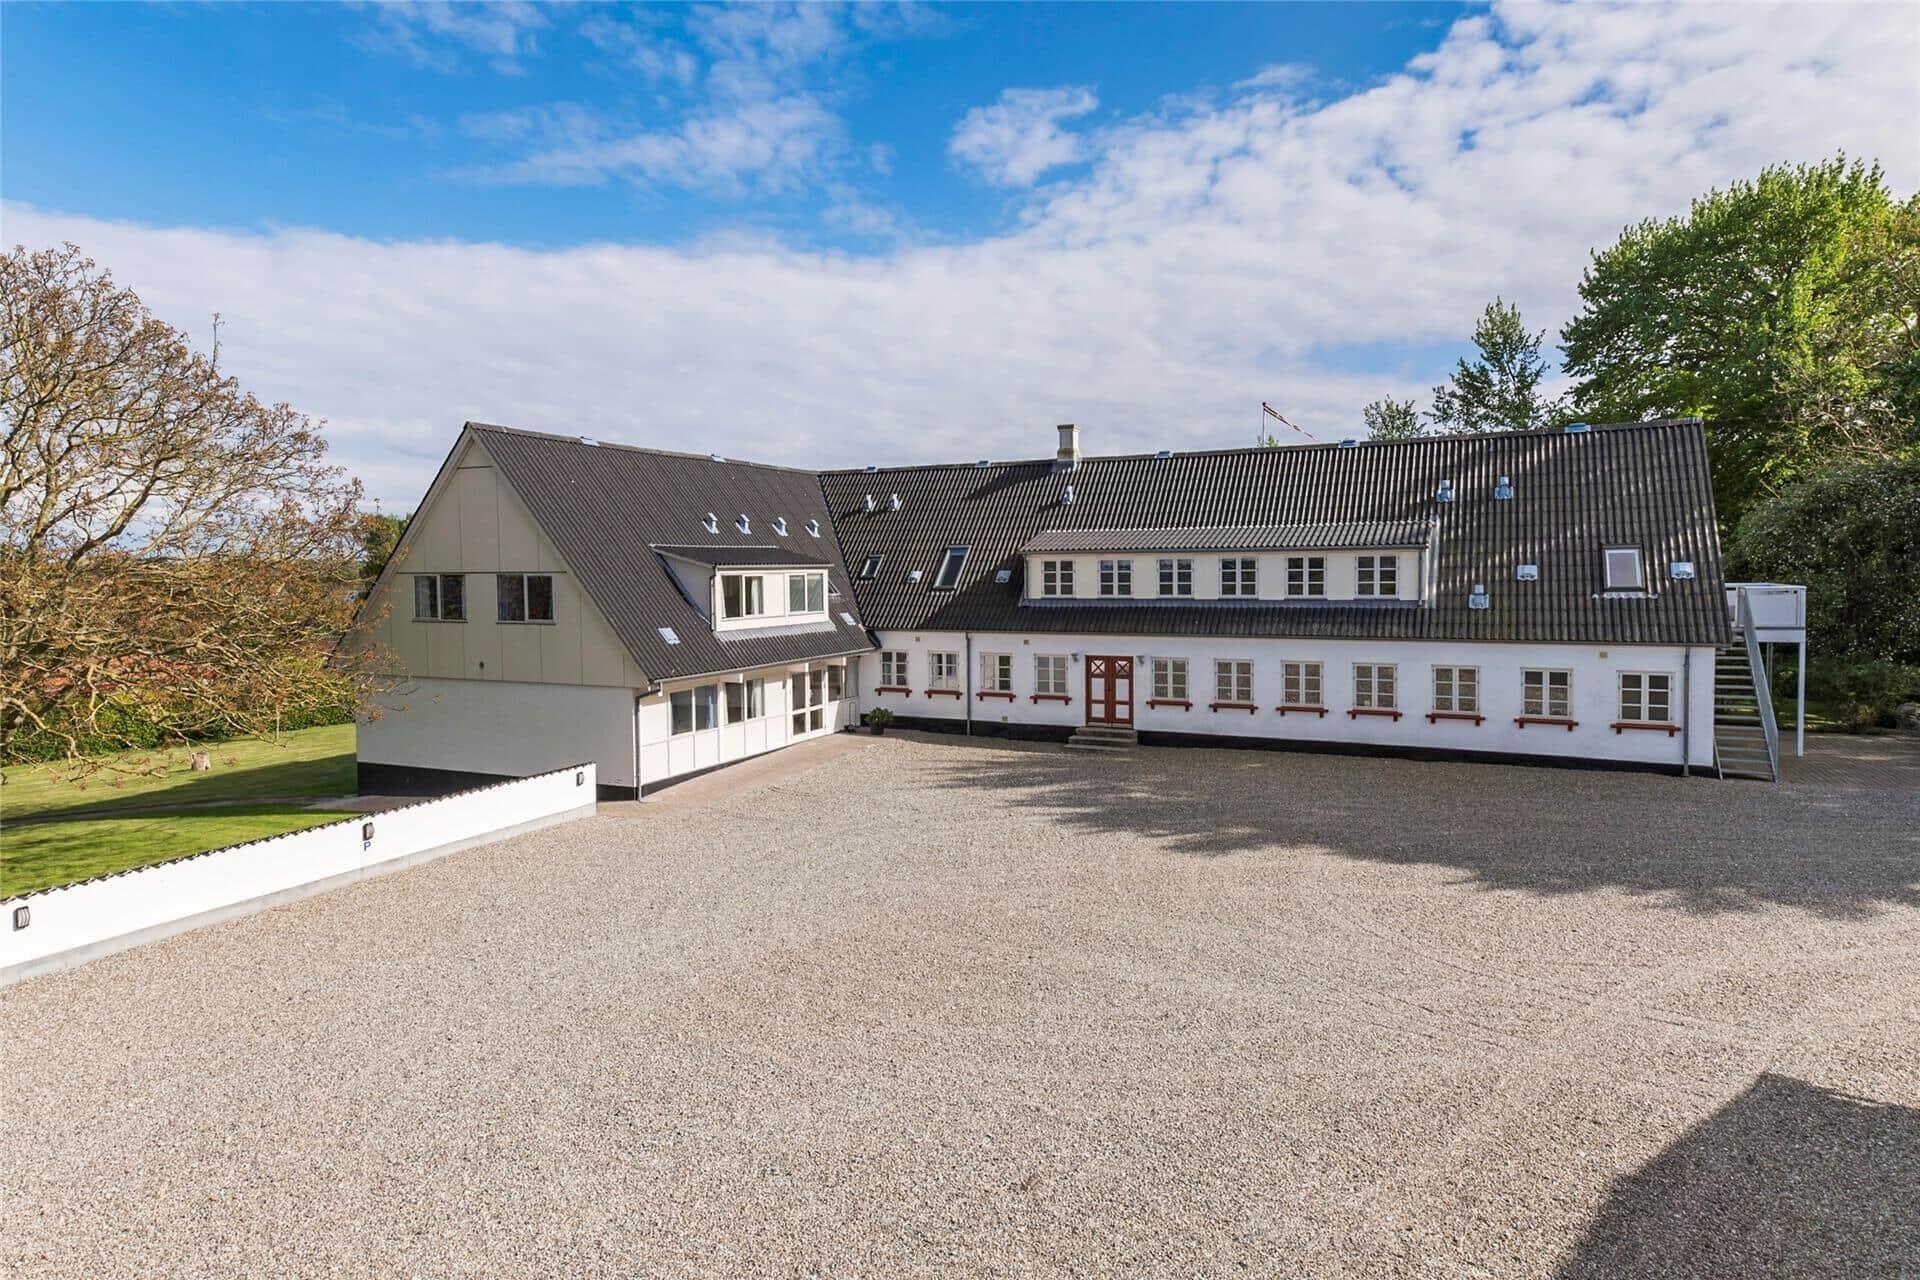 Billede 1-3 Sommerhus M70278, Borgnæsvej 4, DK - 5970 Ærøskøbing